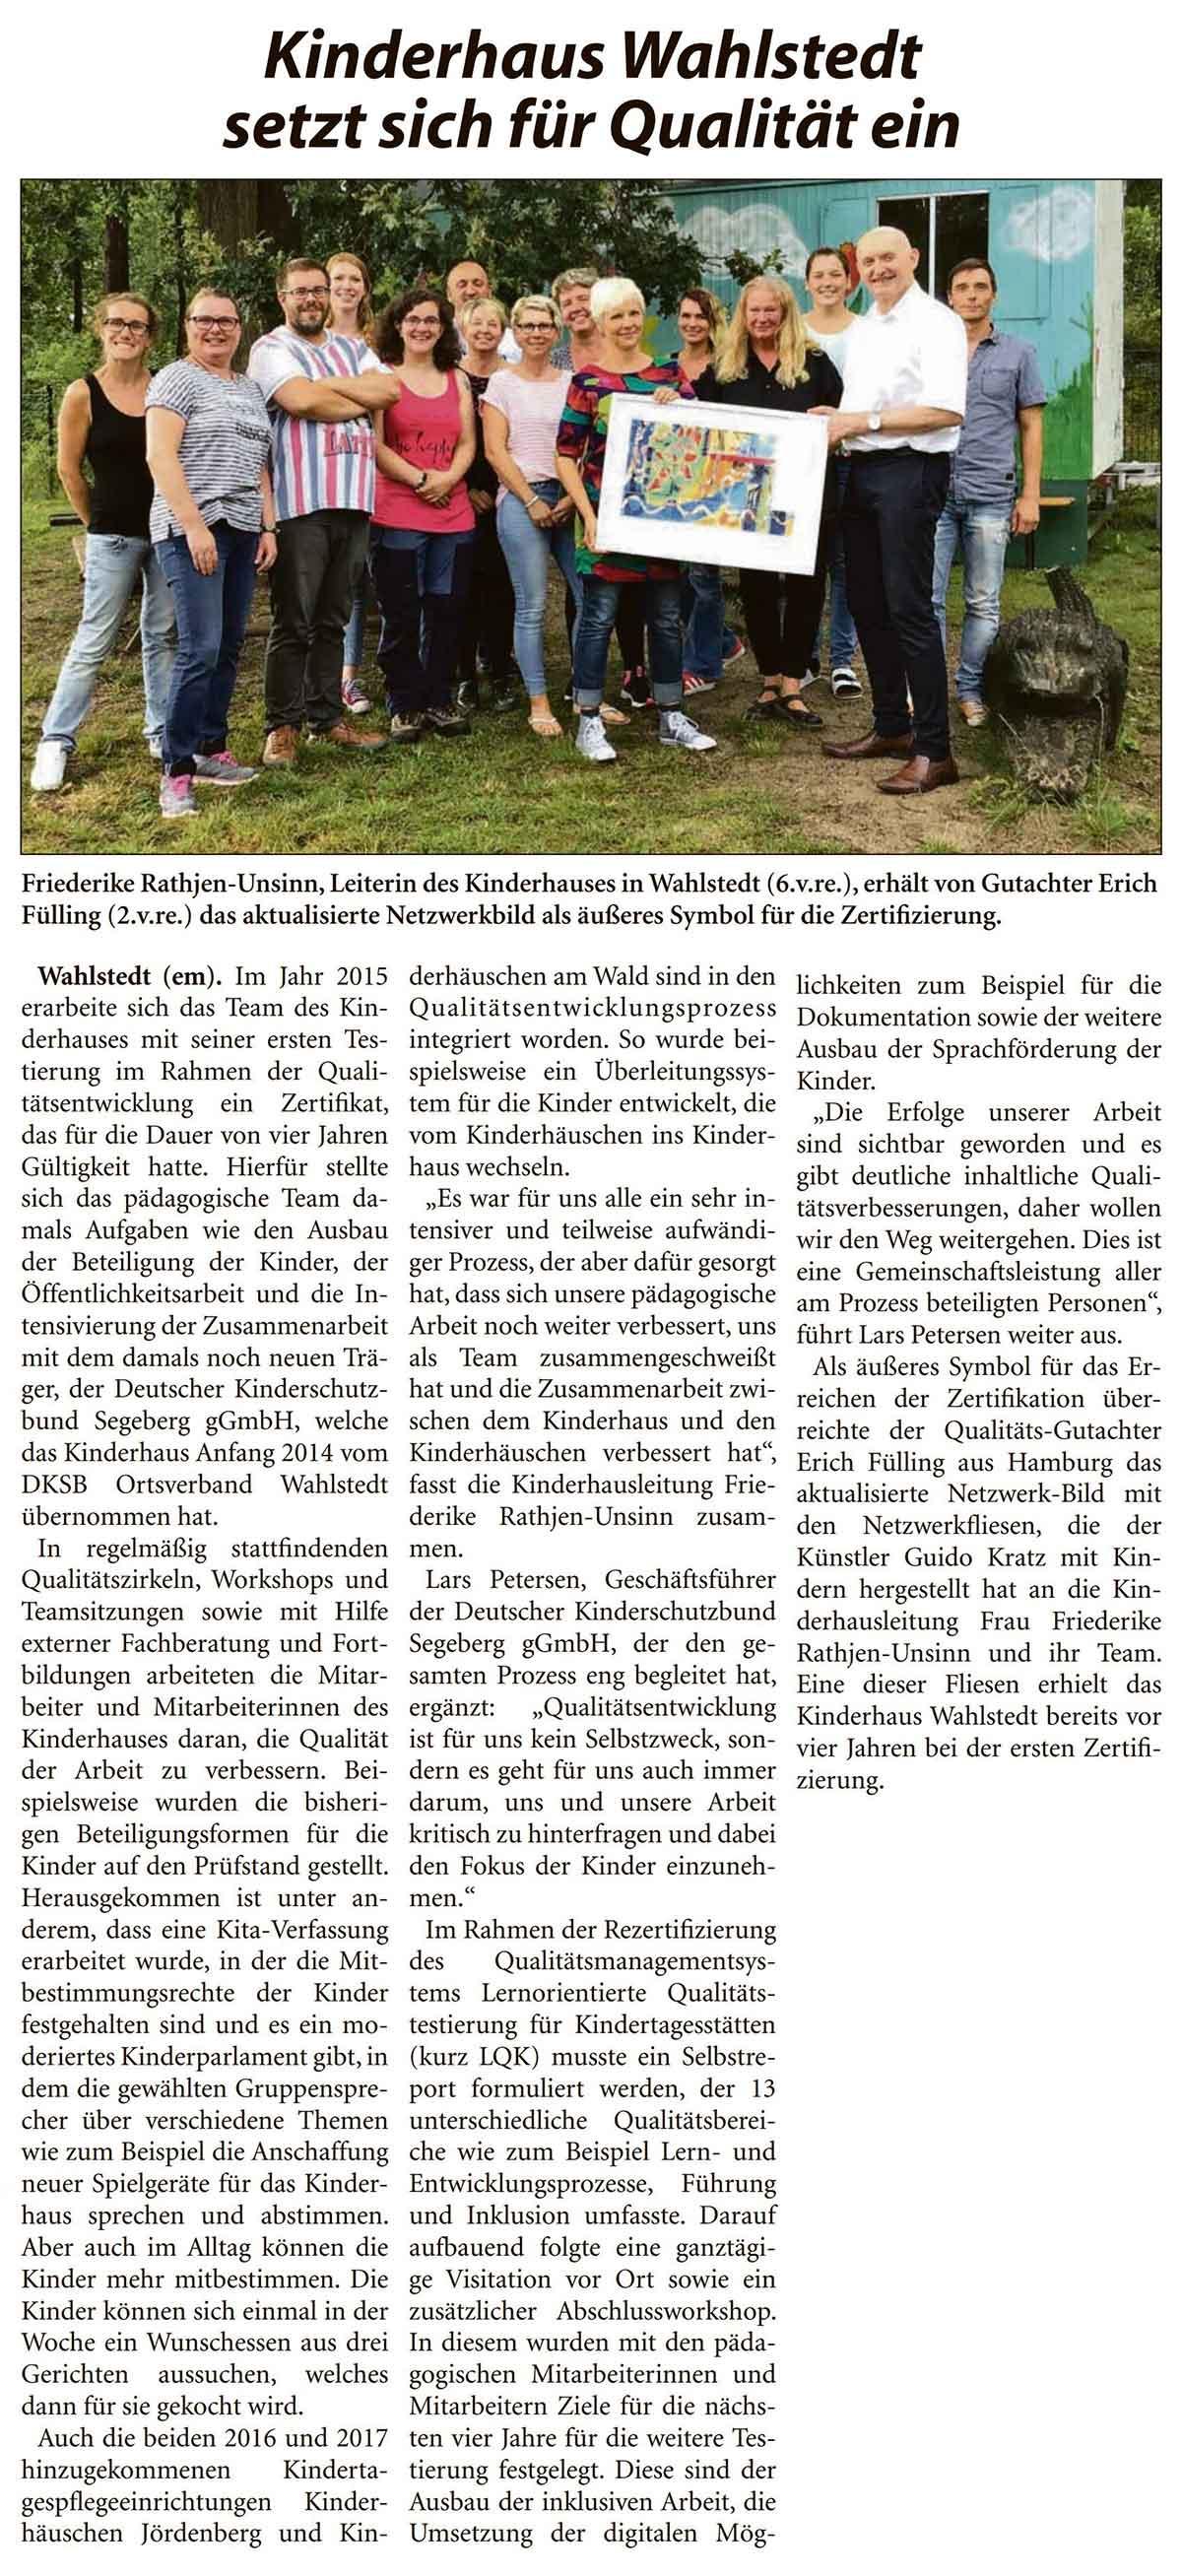 Kinderhaus Wahlstedt setzt sich für Qualität ein